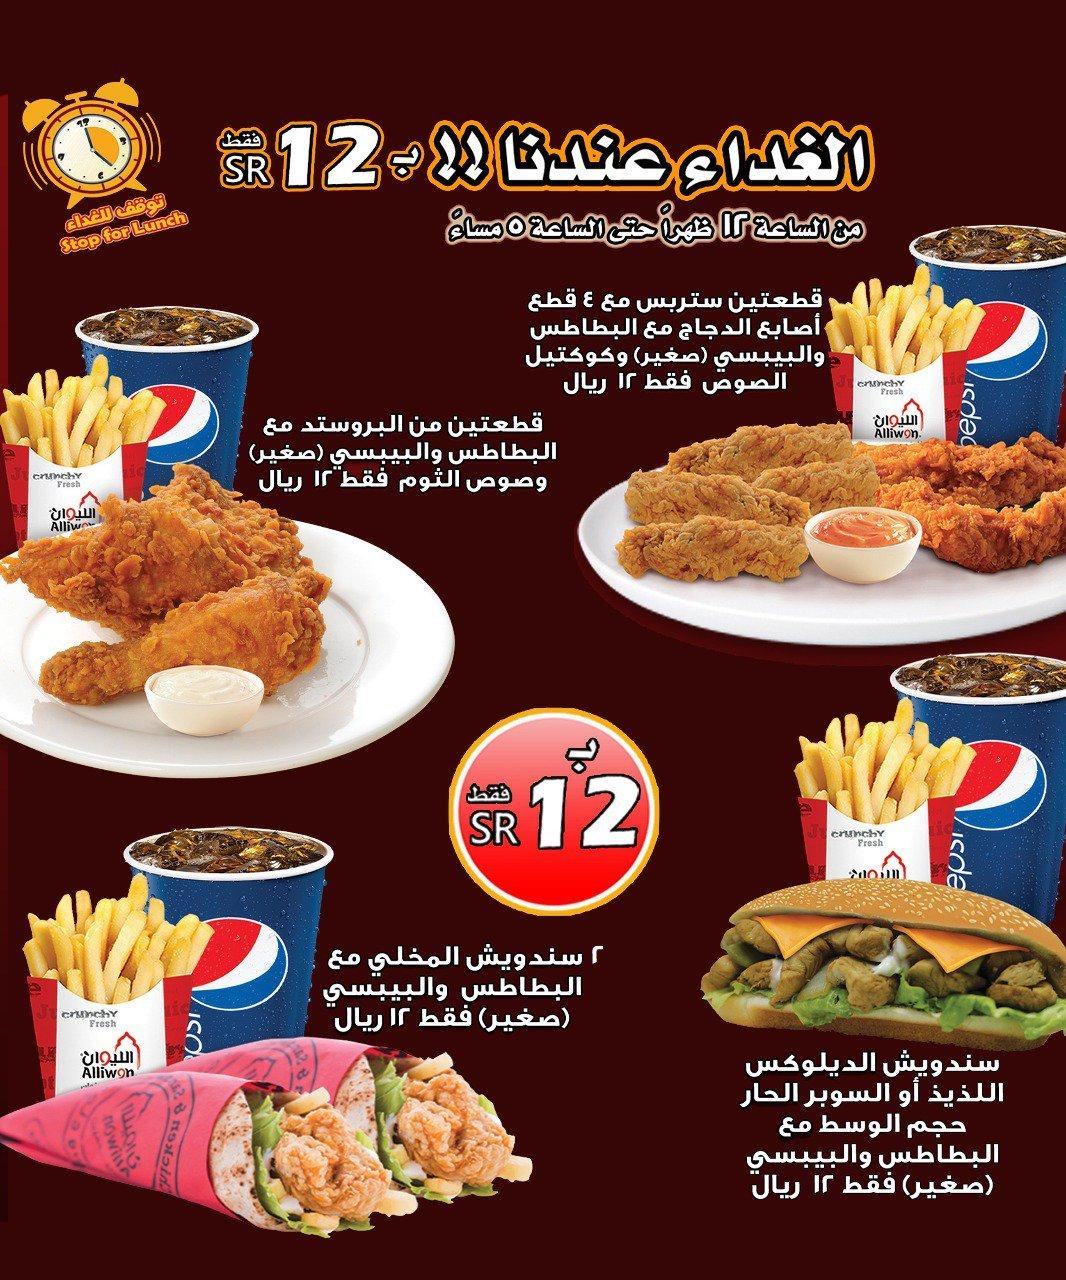 عروض الغداء من مطاعم الليوان على الرقم الموحد 920010105